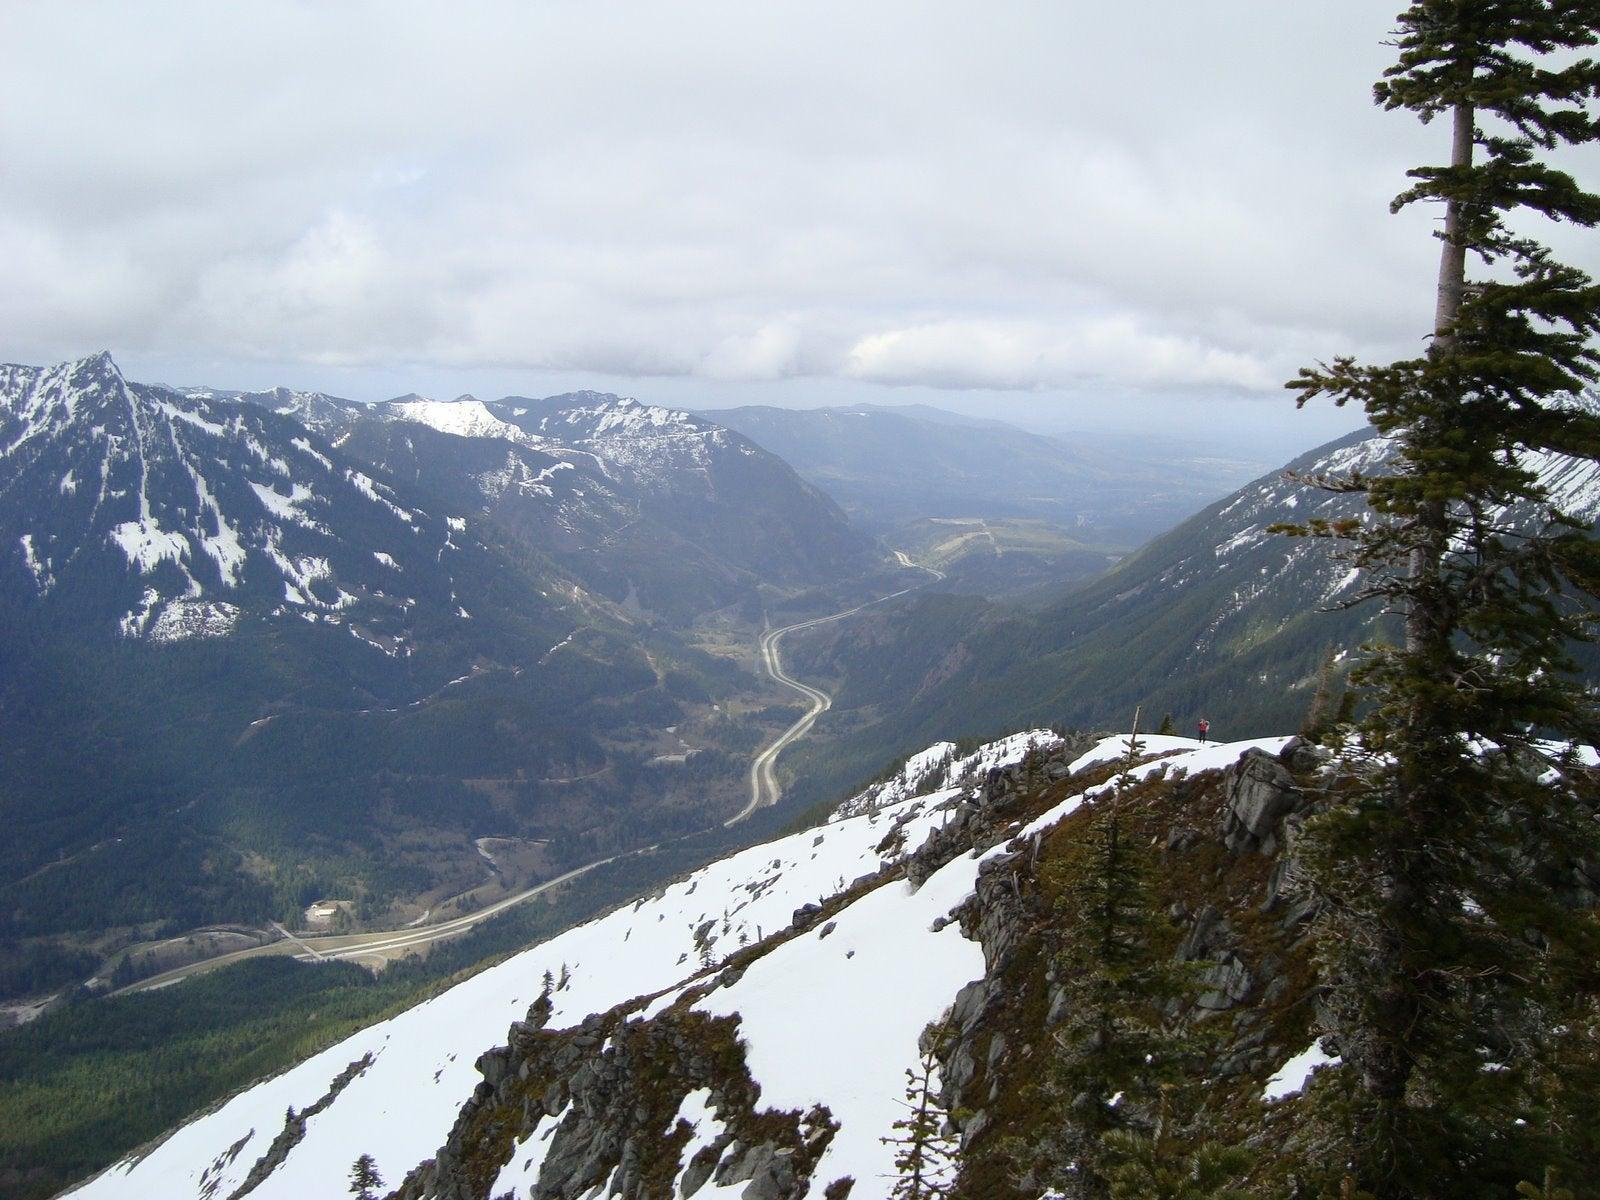 Backpacking in Glacier National Park